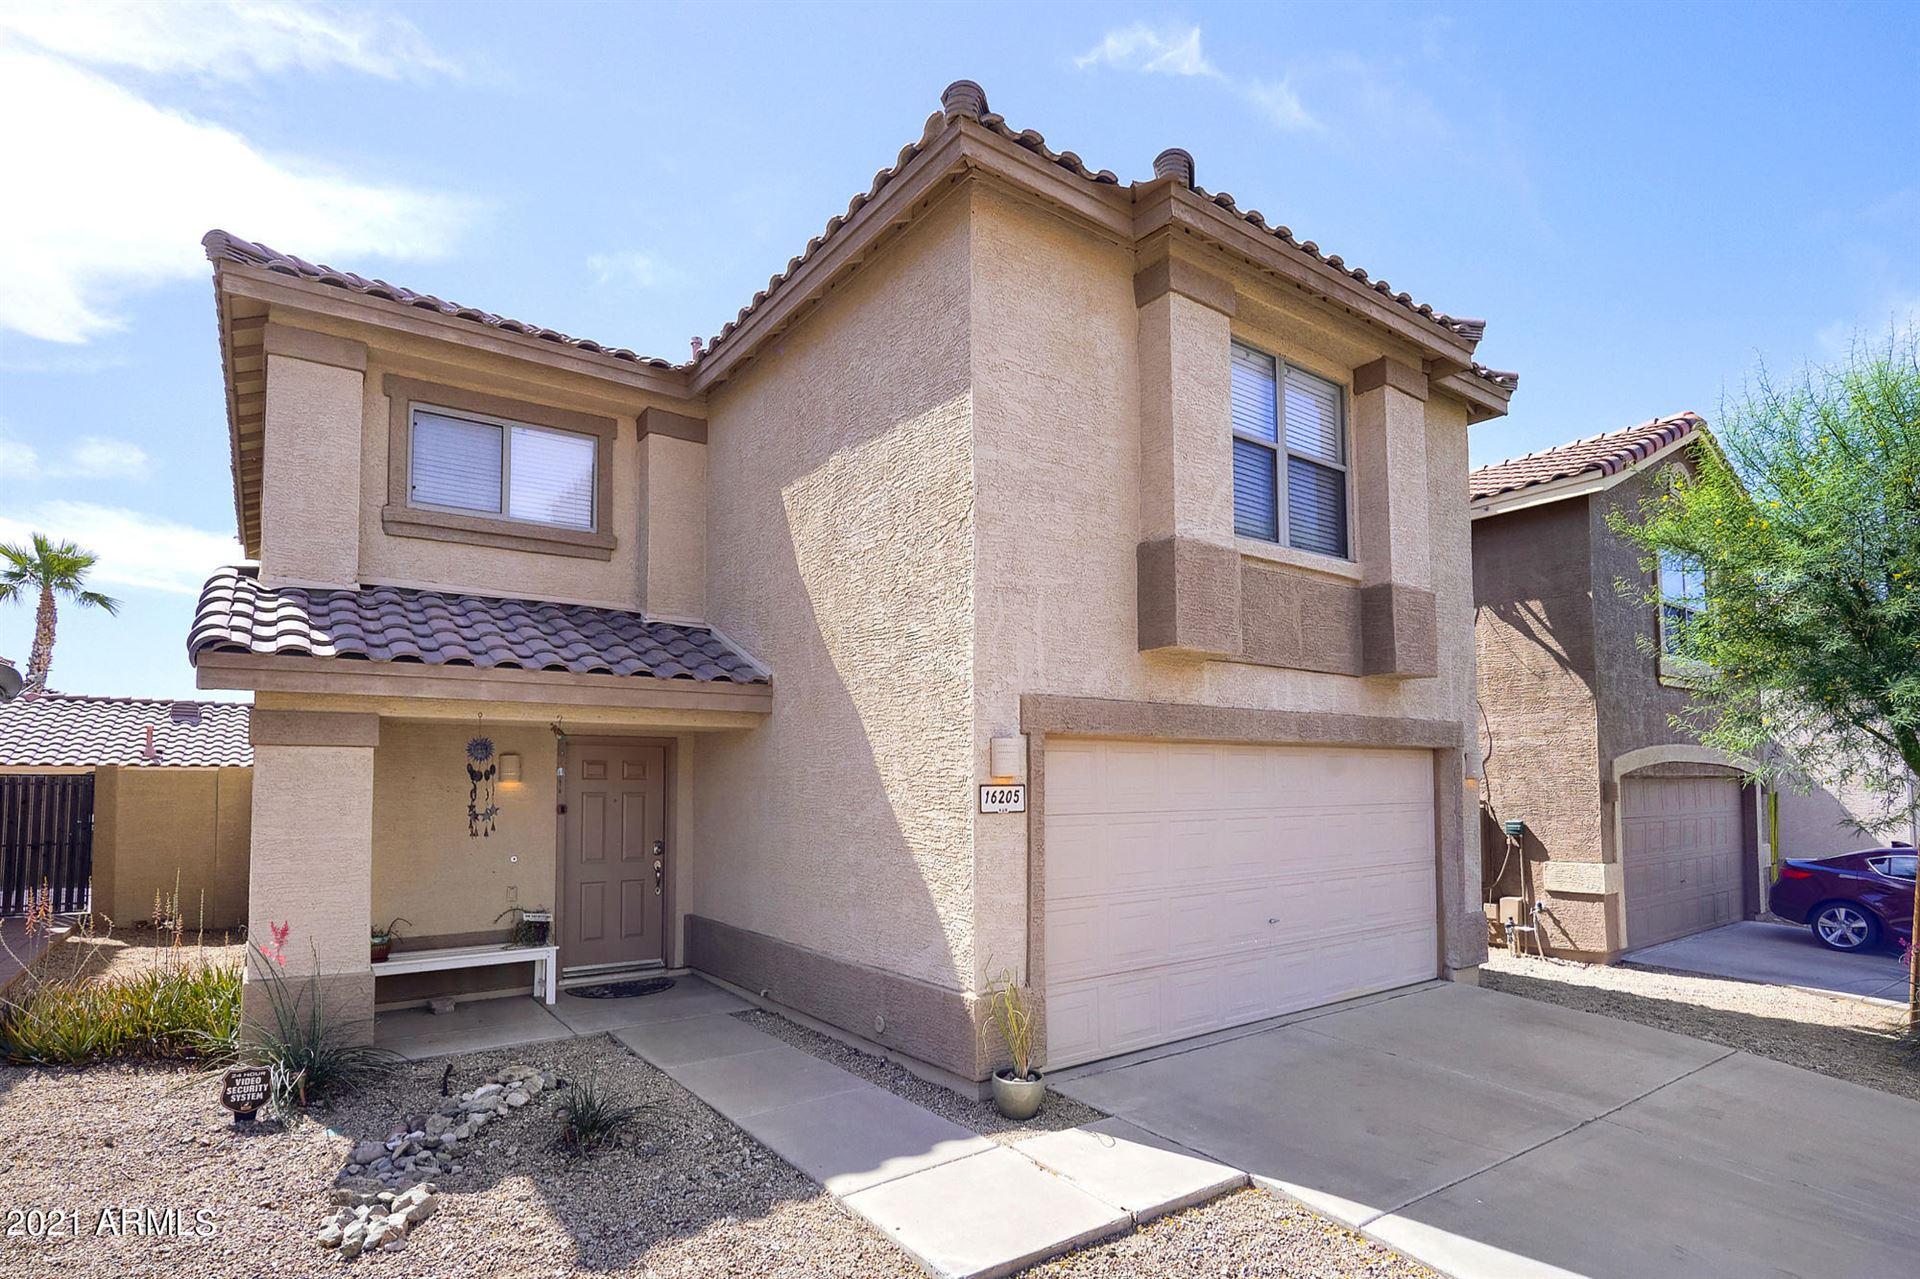 16205 S 17TH Drive, Phoenix, AZ 85045 - MLS#: 6232406